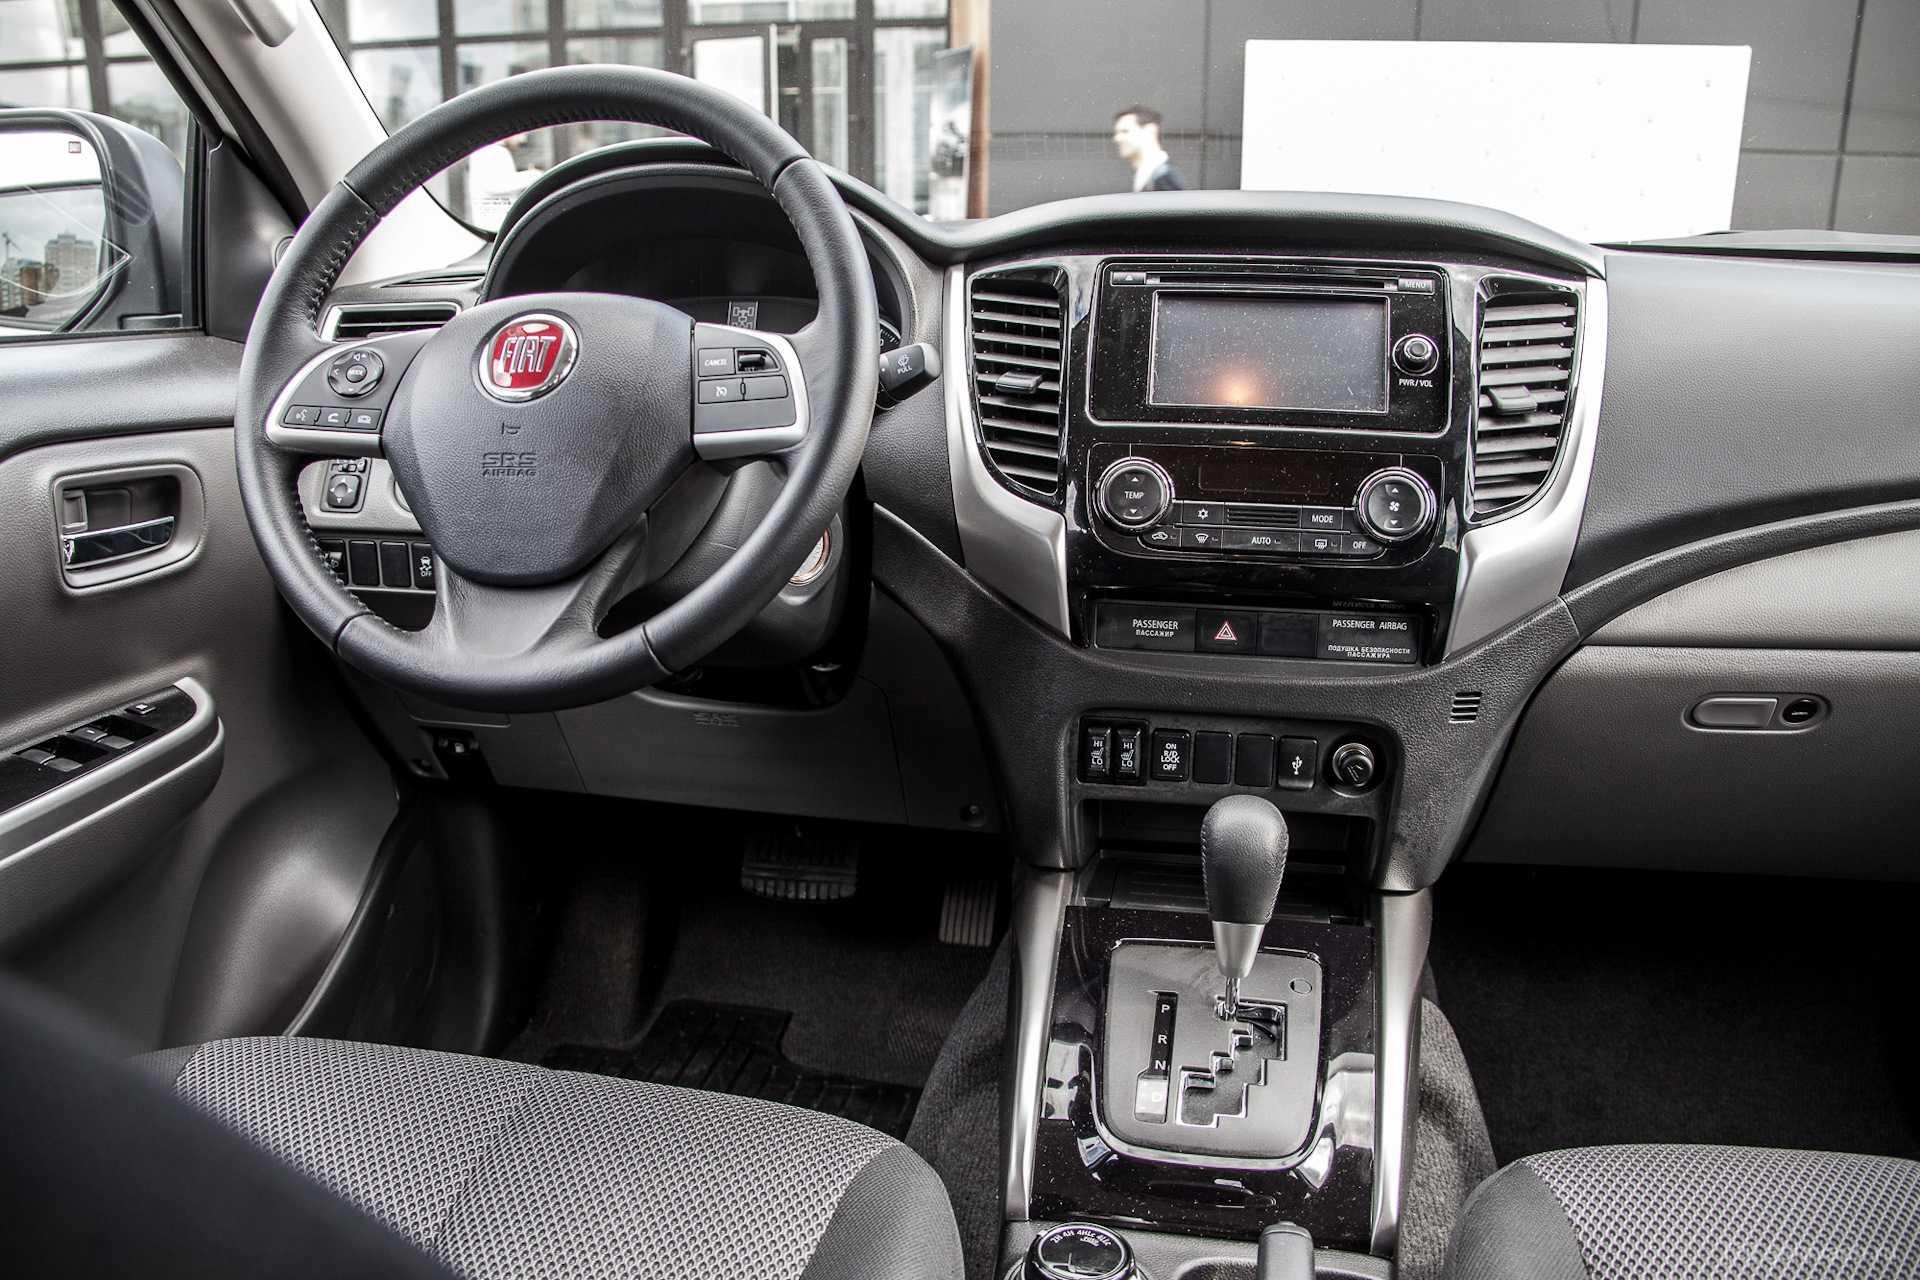 Fiat fullback (фиат фулбэк) - продажа, цены, отзывы, фото: 7 объявлений